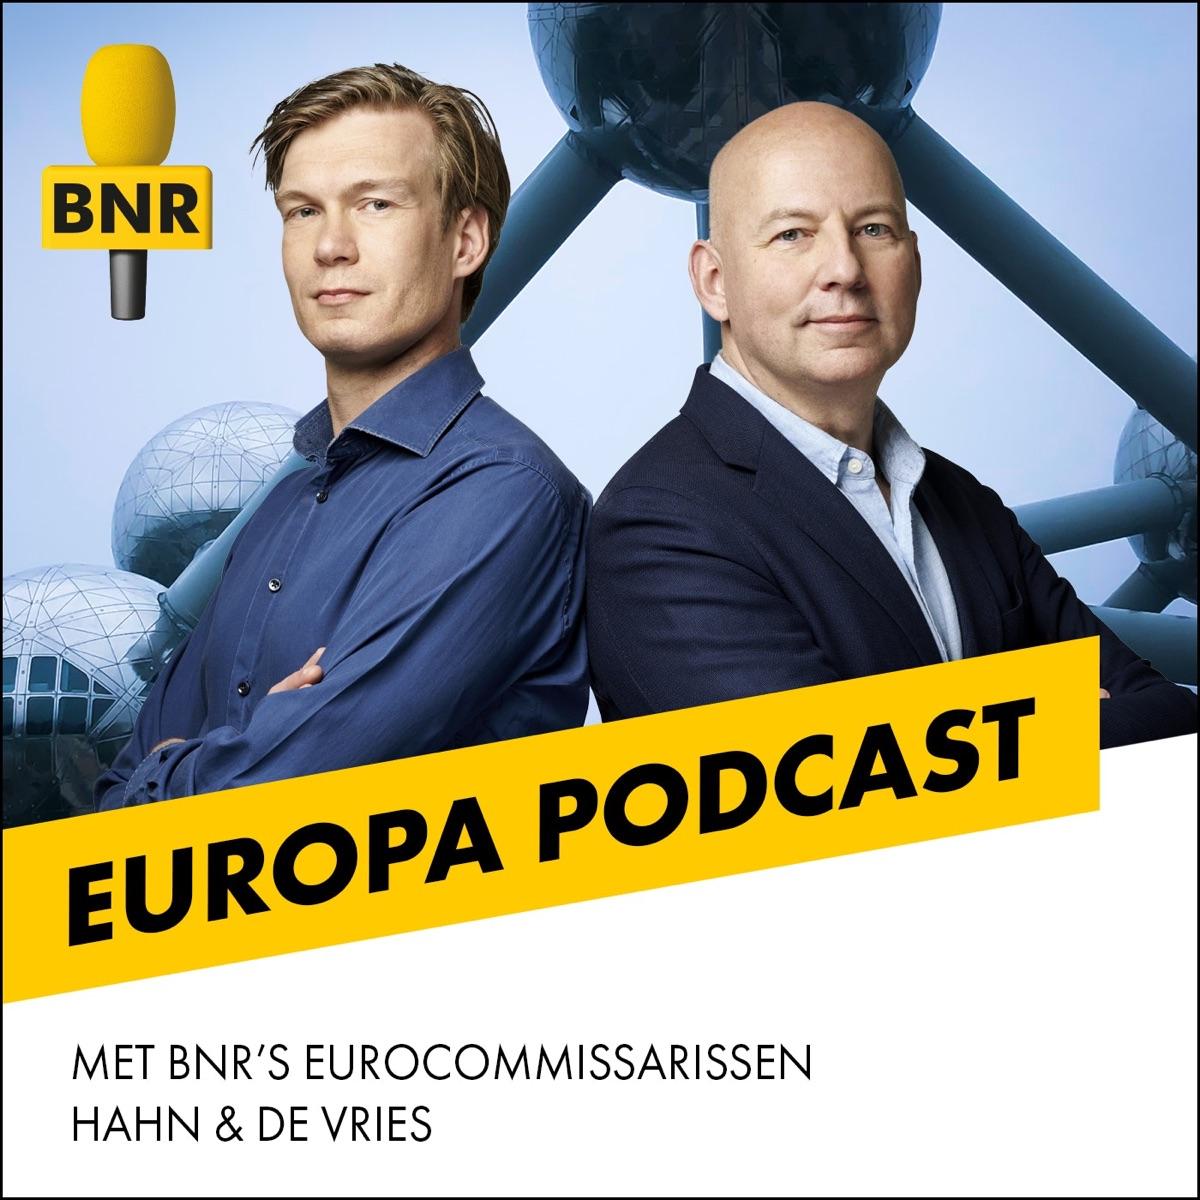 Europa Podcast   BNR